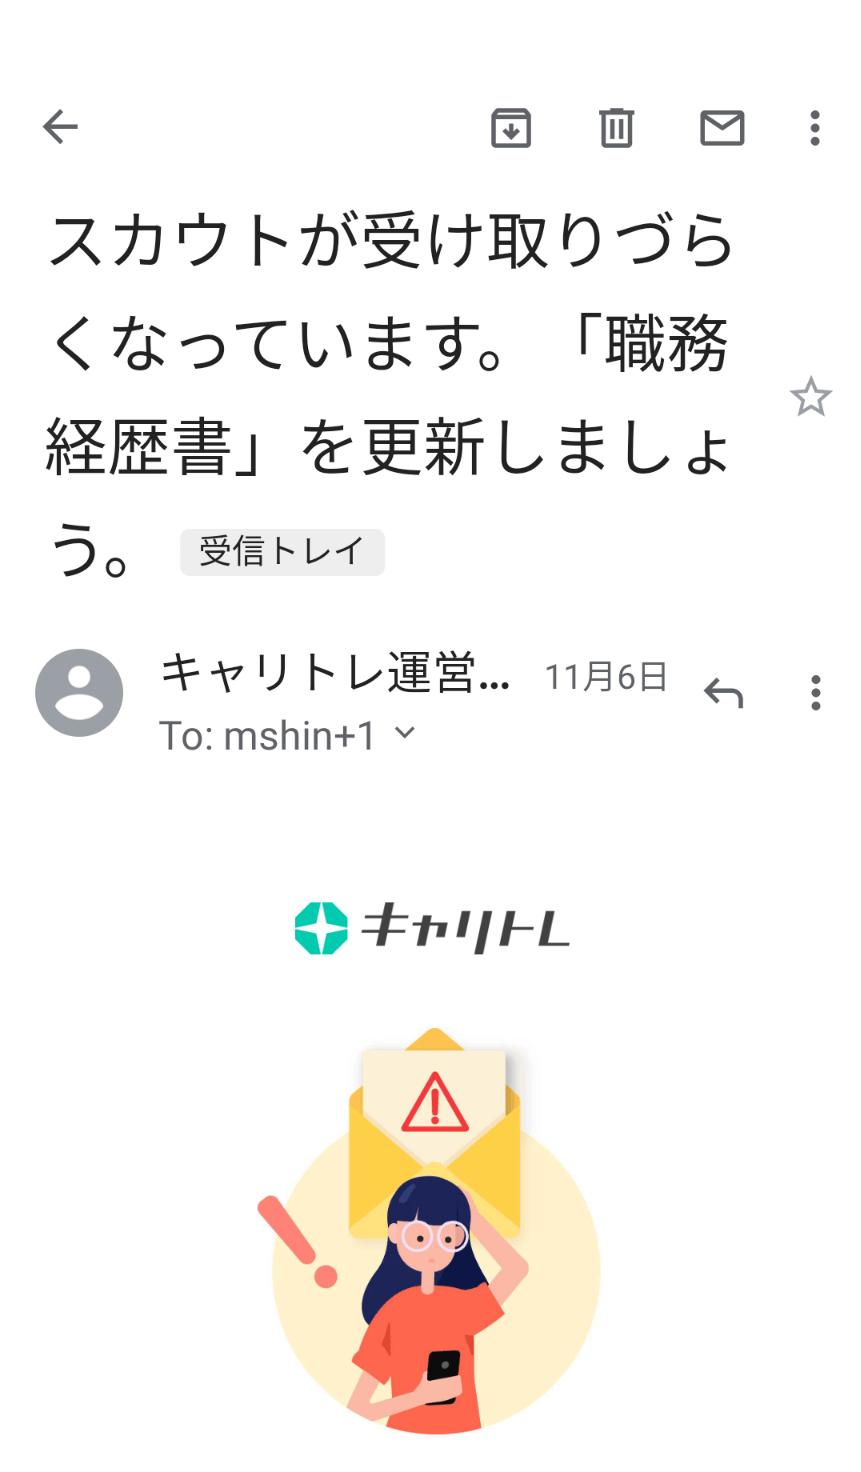 サポートメール